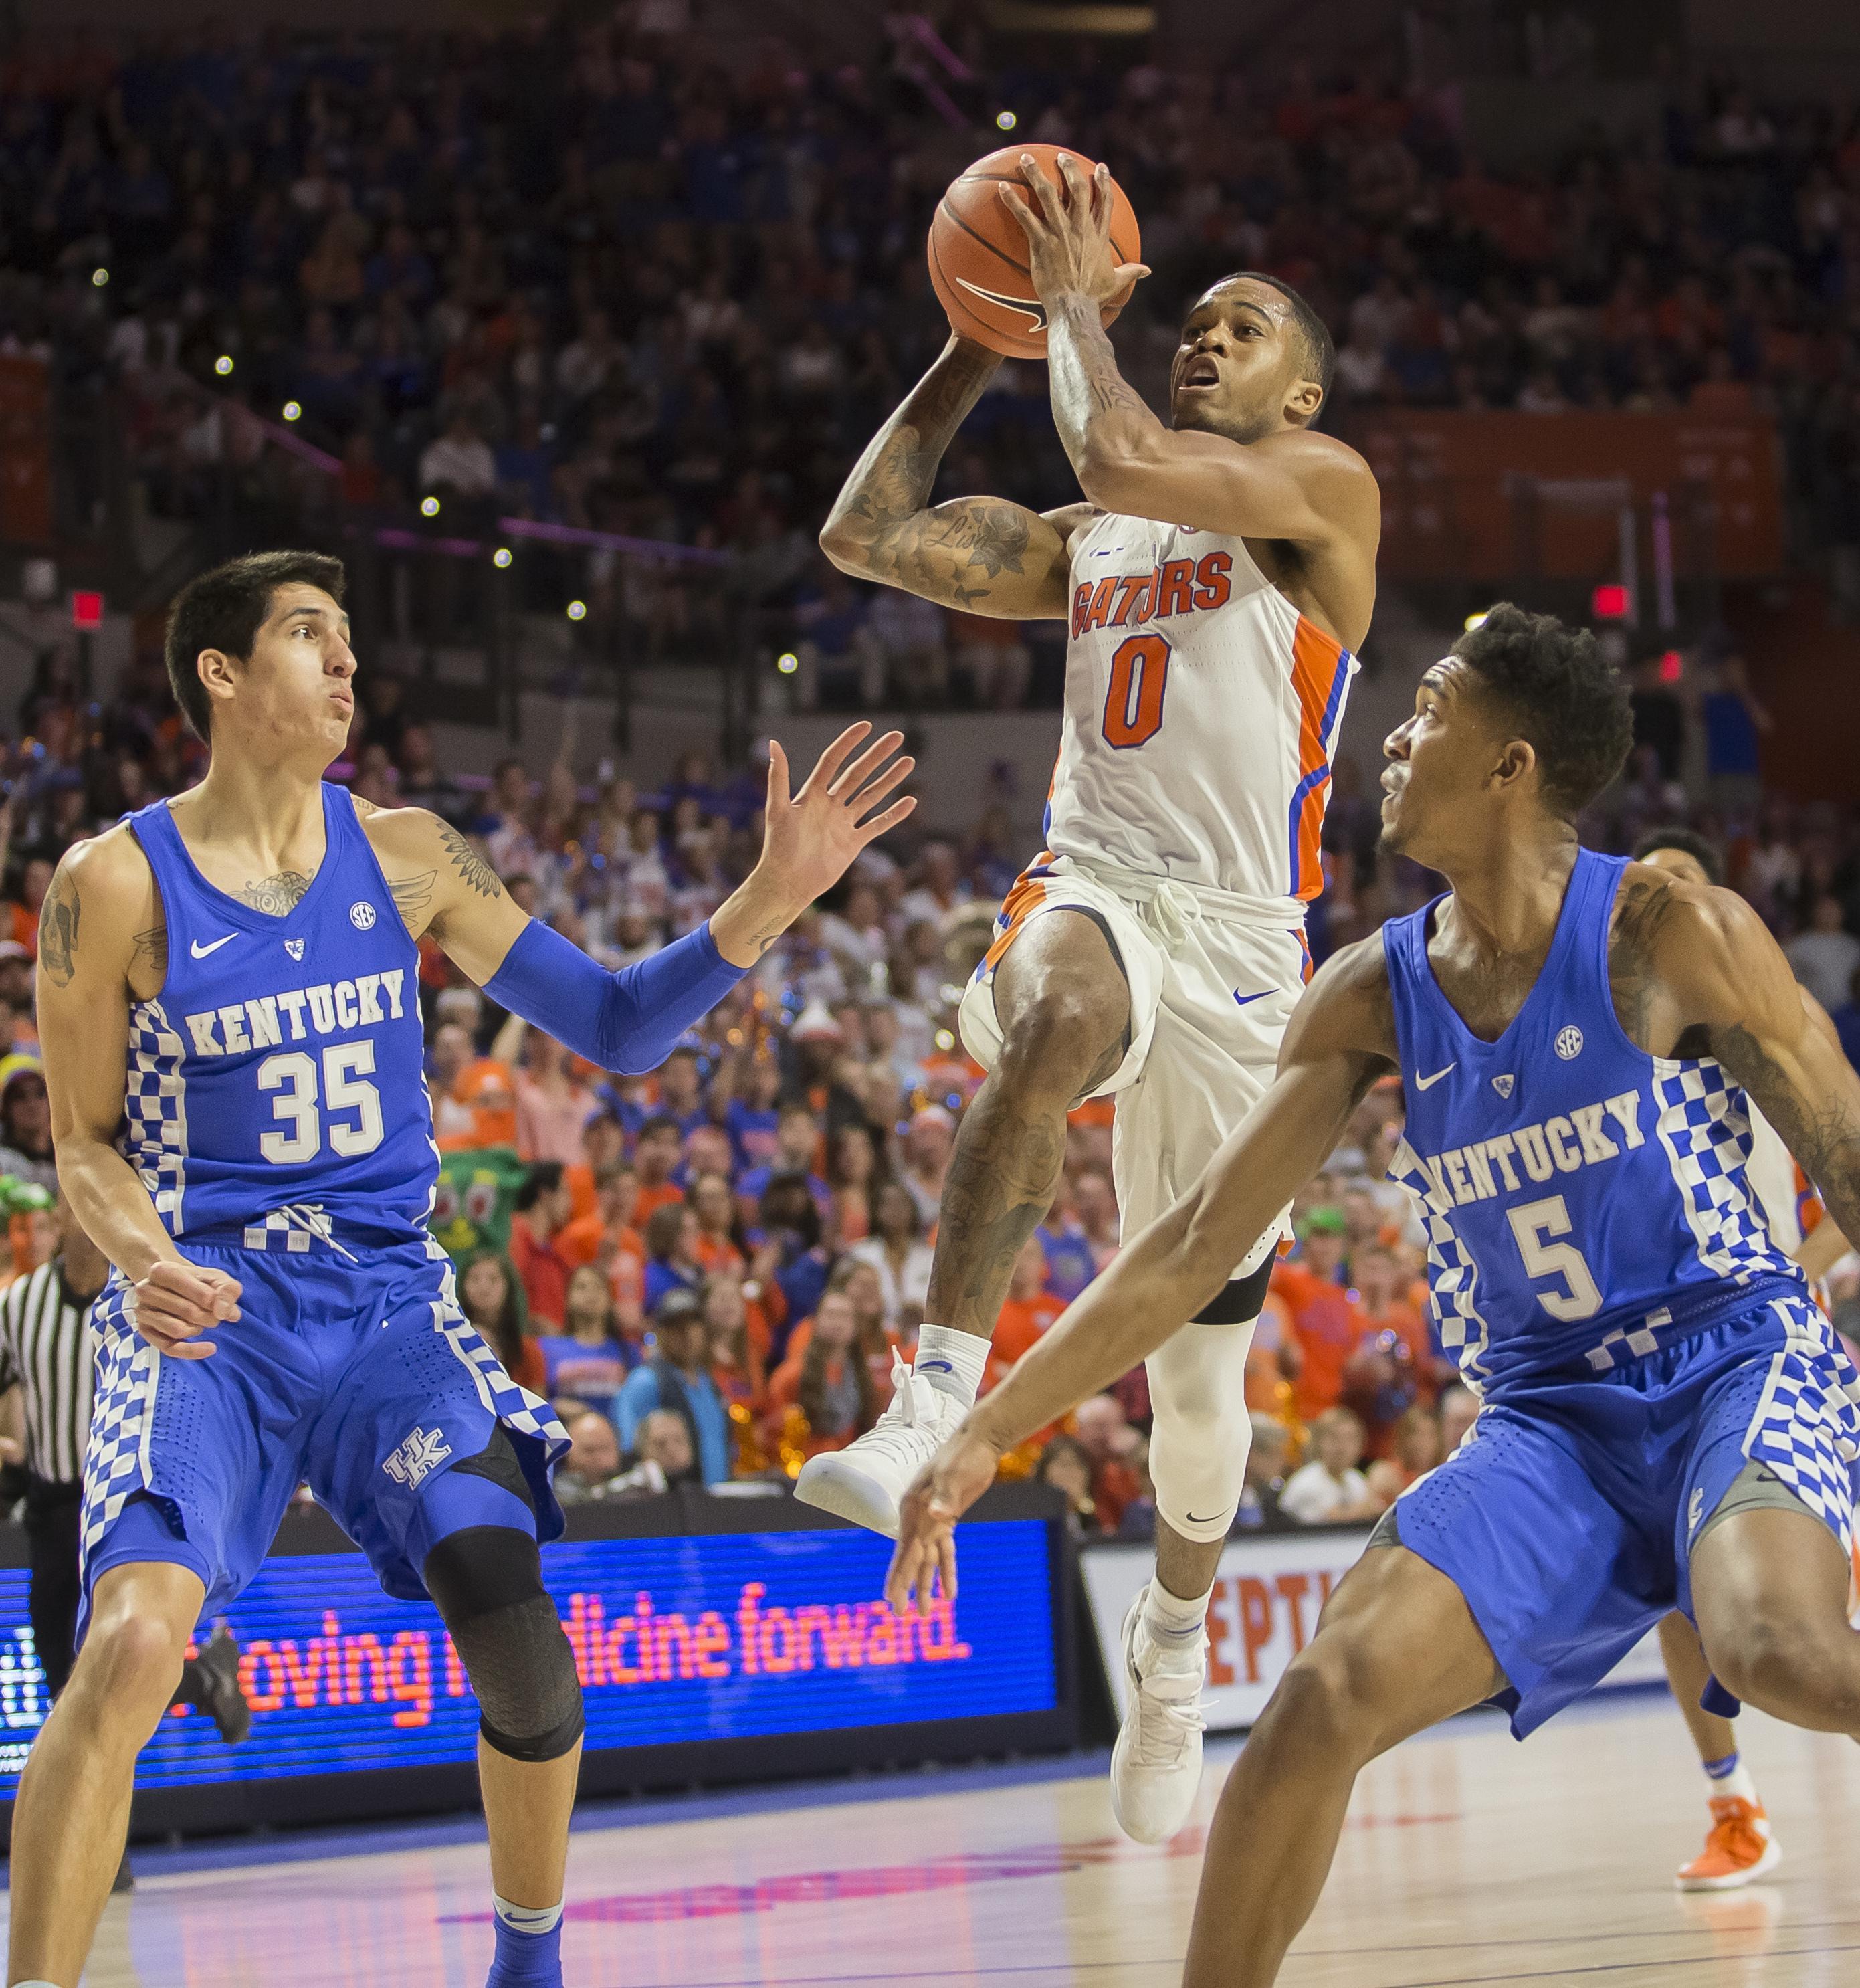 35d3205260e Florida guard Kasey Hill (0) drives to the basket between Kentucky forward  Derek Willis